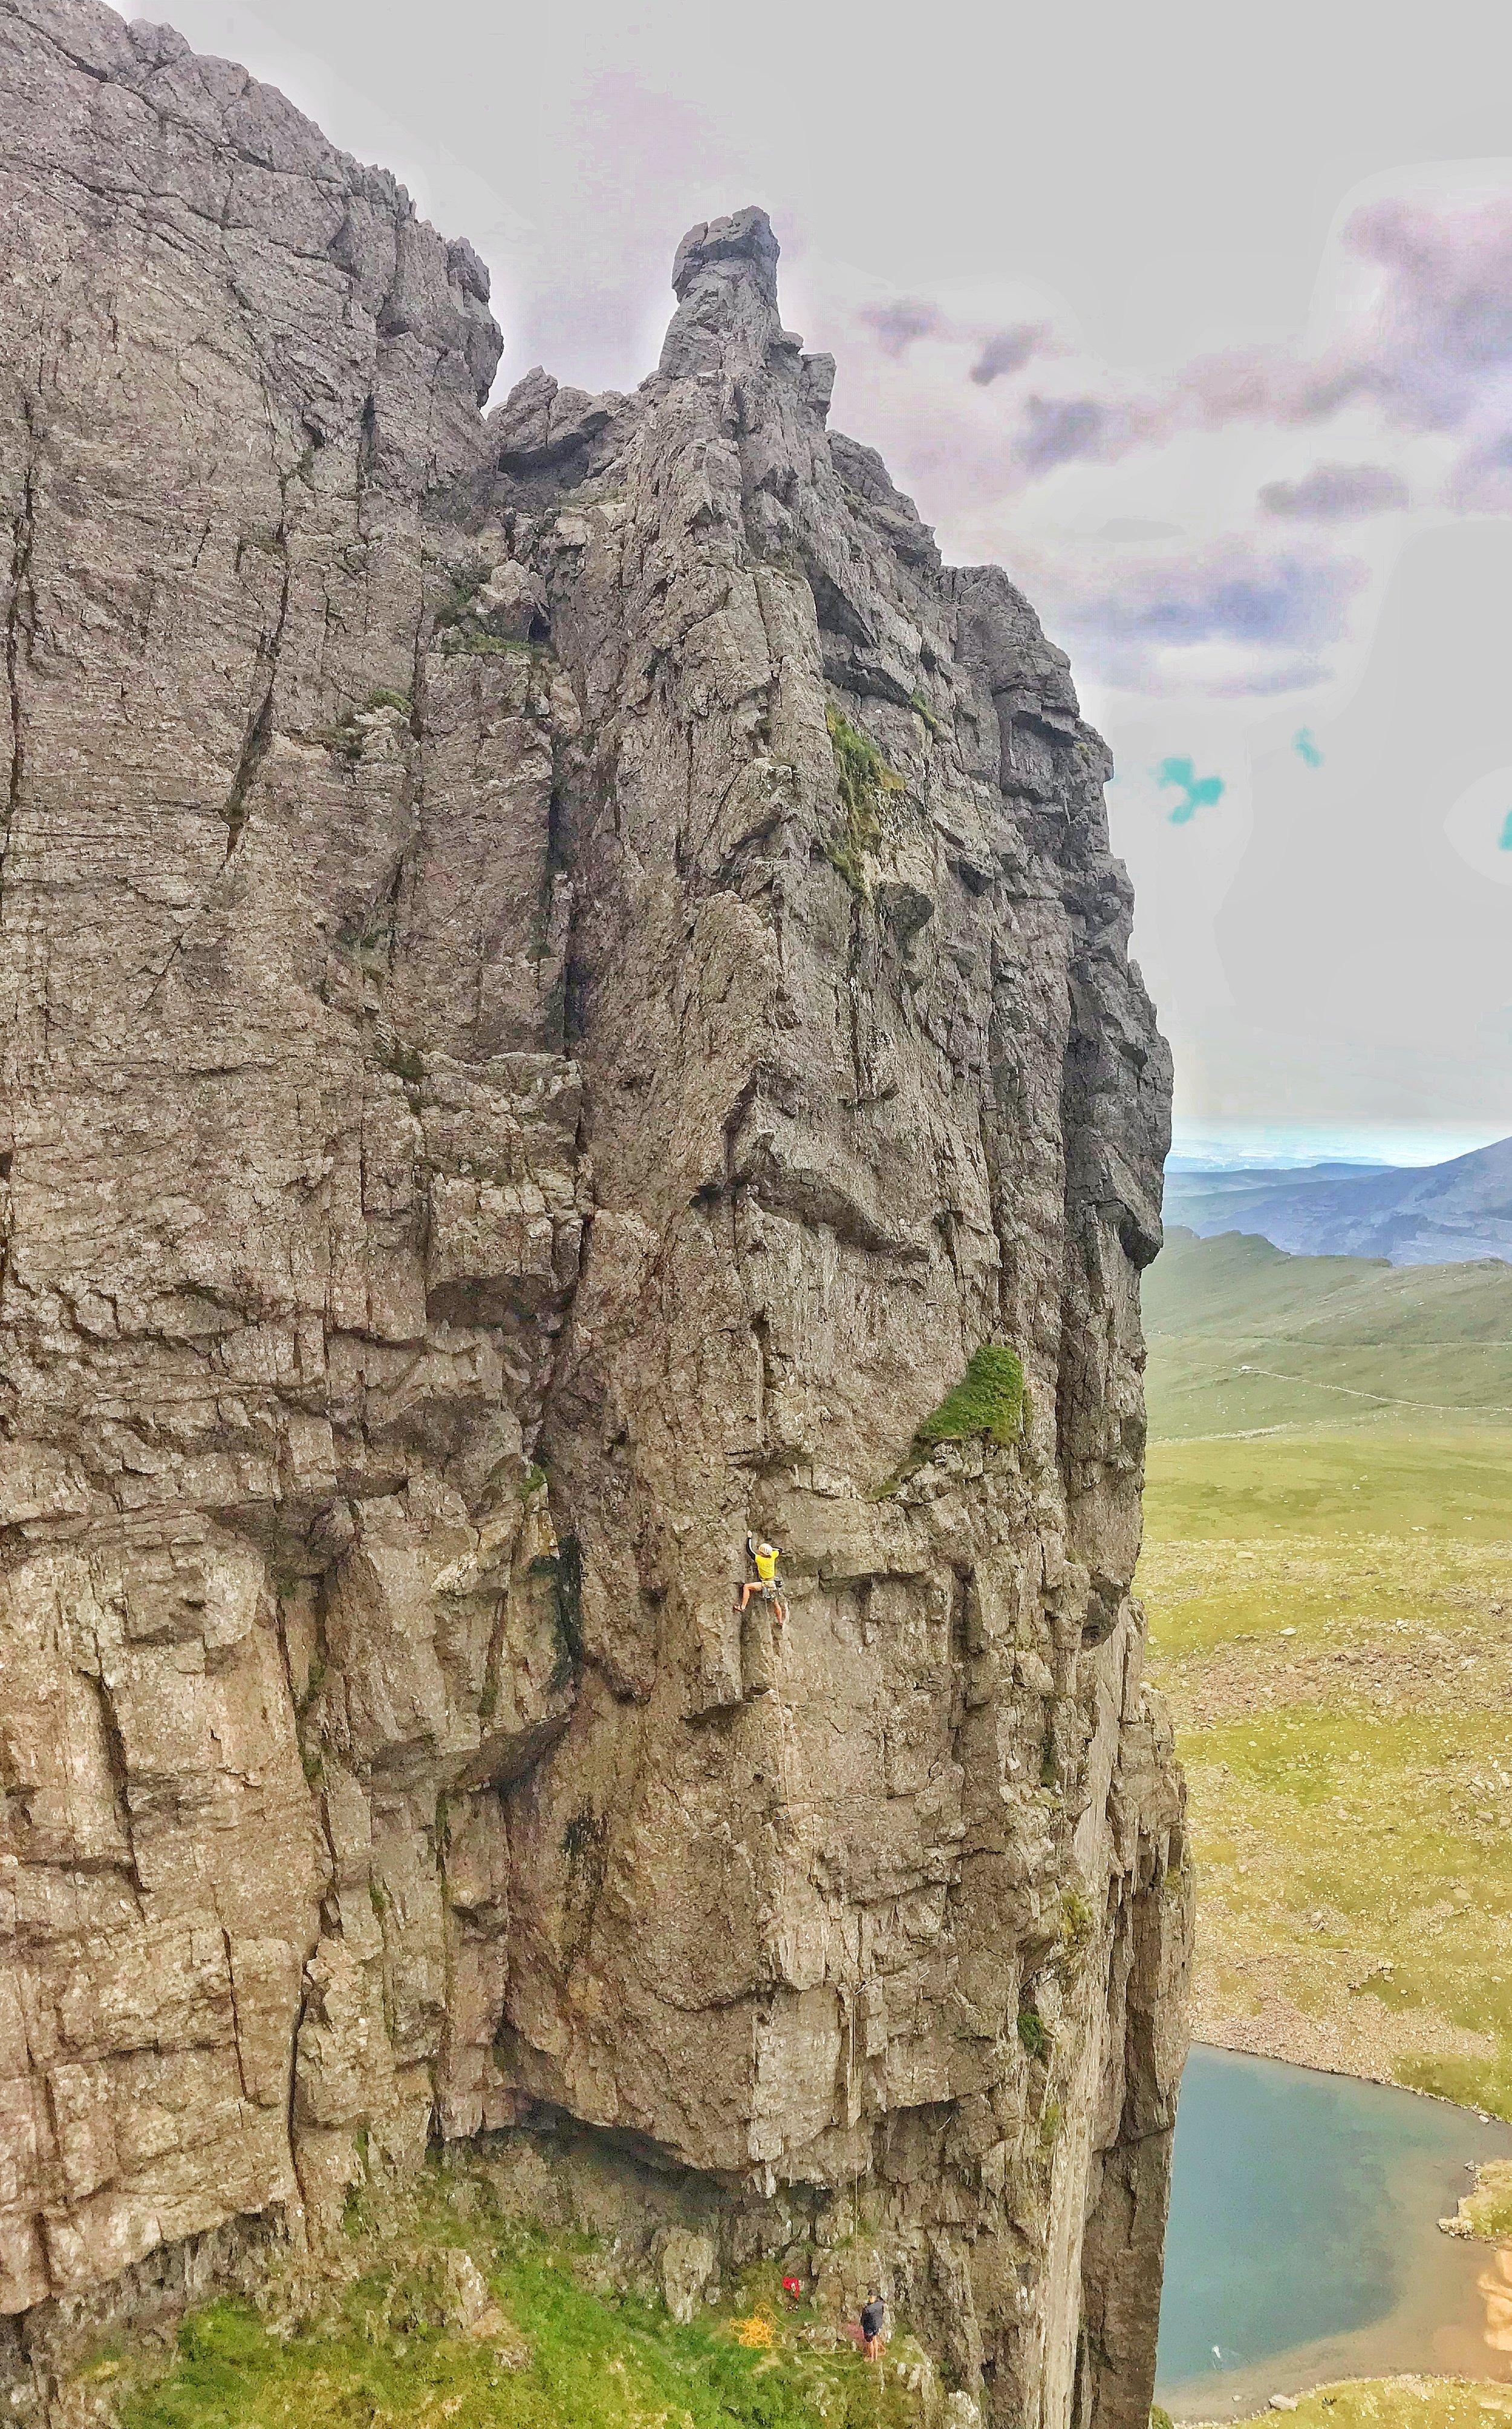 Owen Davies climbing The Axe (E4 6a).